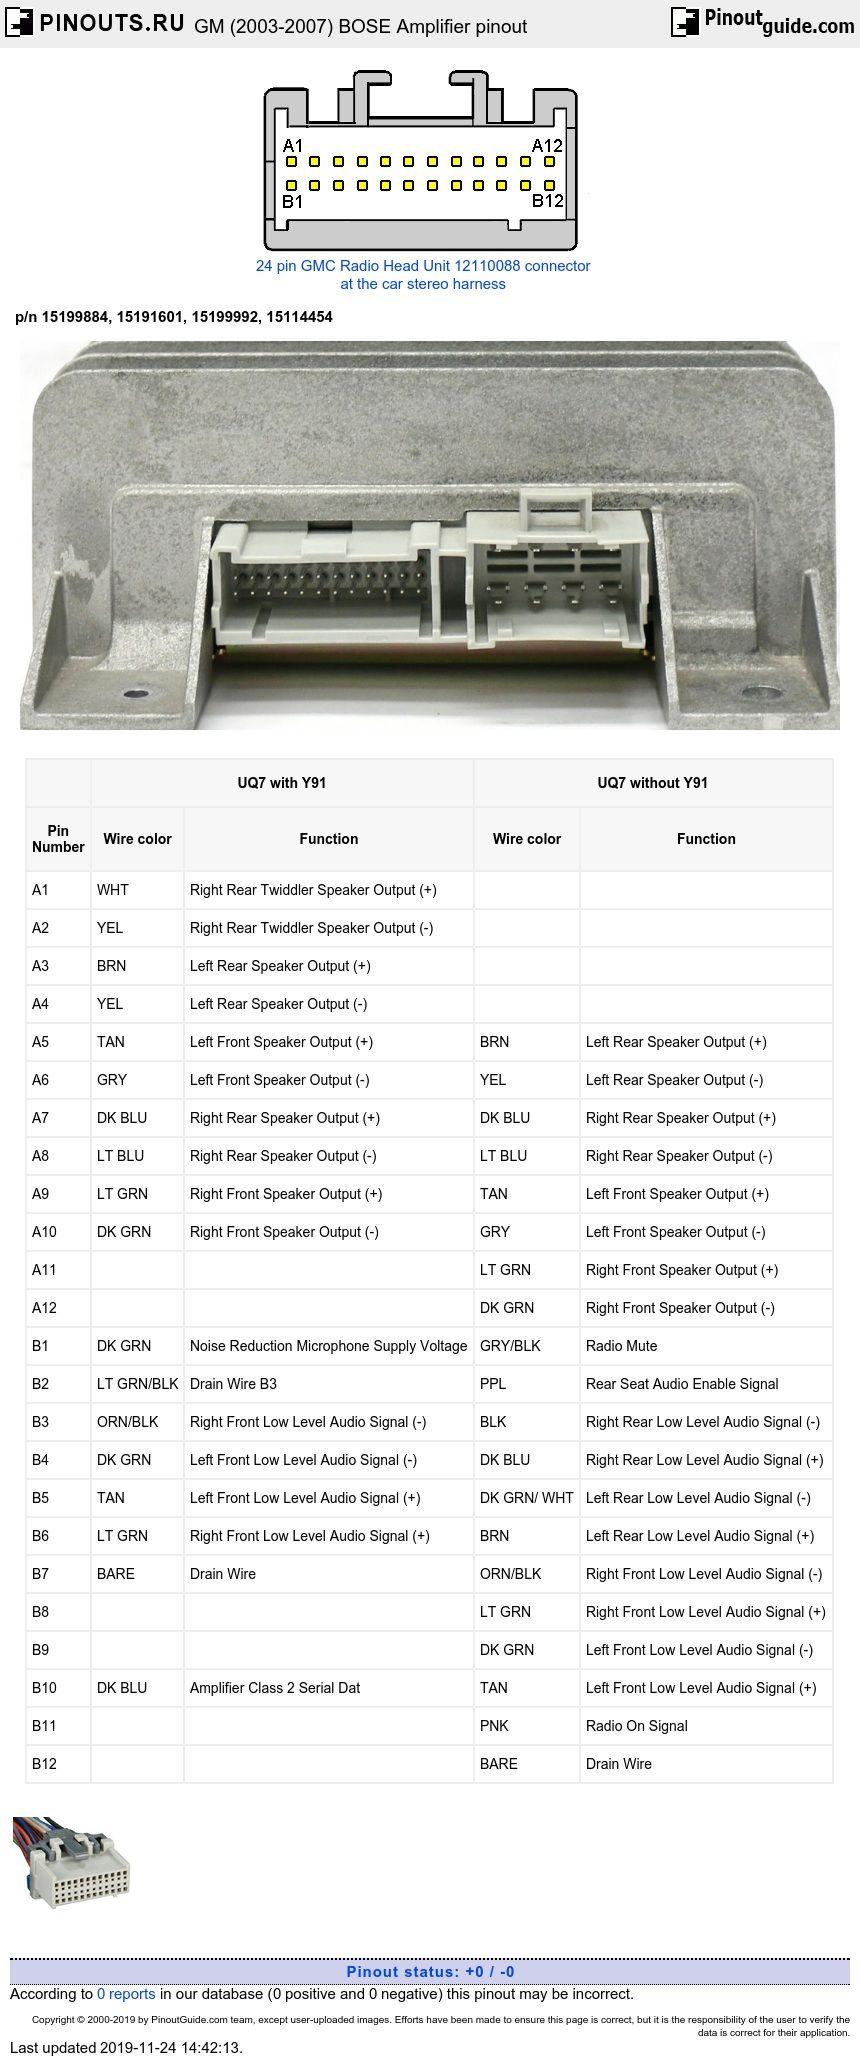 Gm 2003 2007 Bose Amplifier Pinout Diagram Pinoutguide Bose Car Amplifier Amplifier